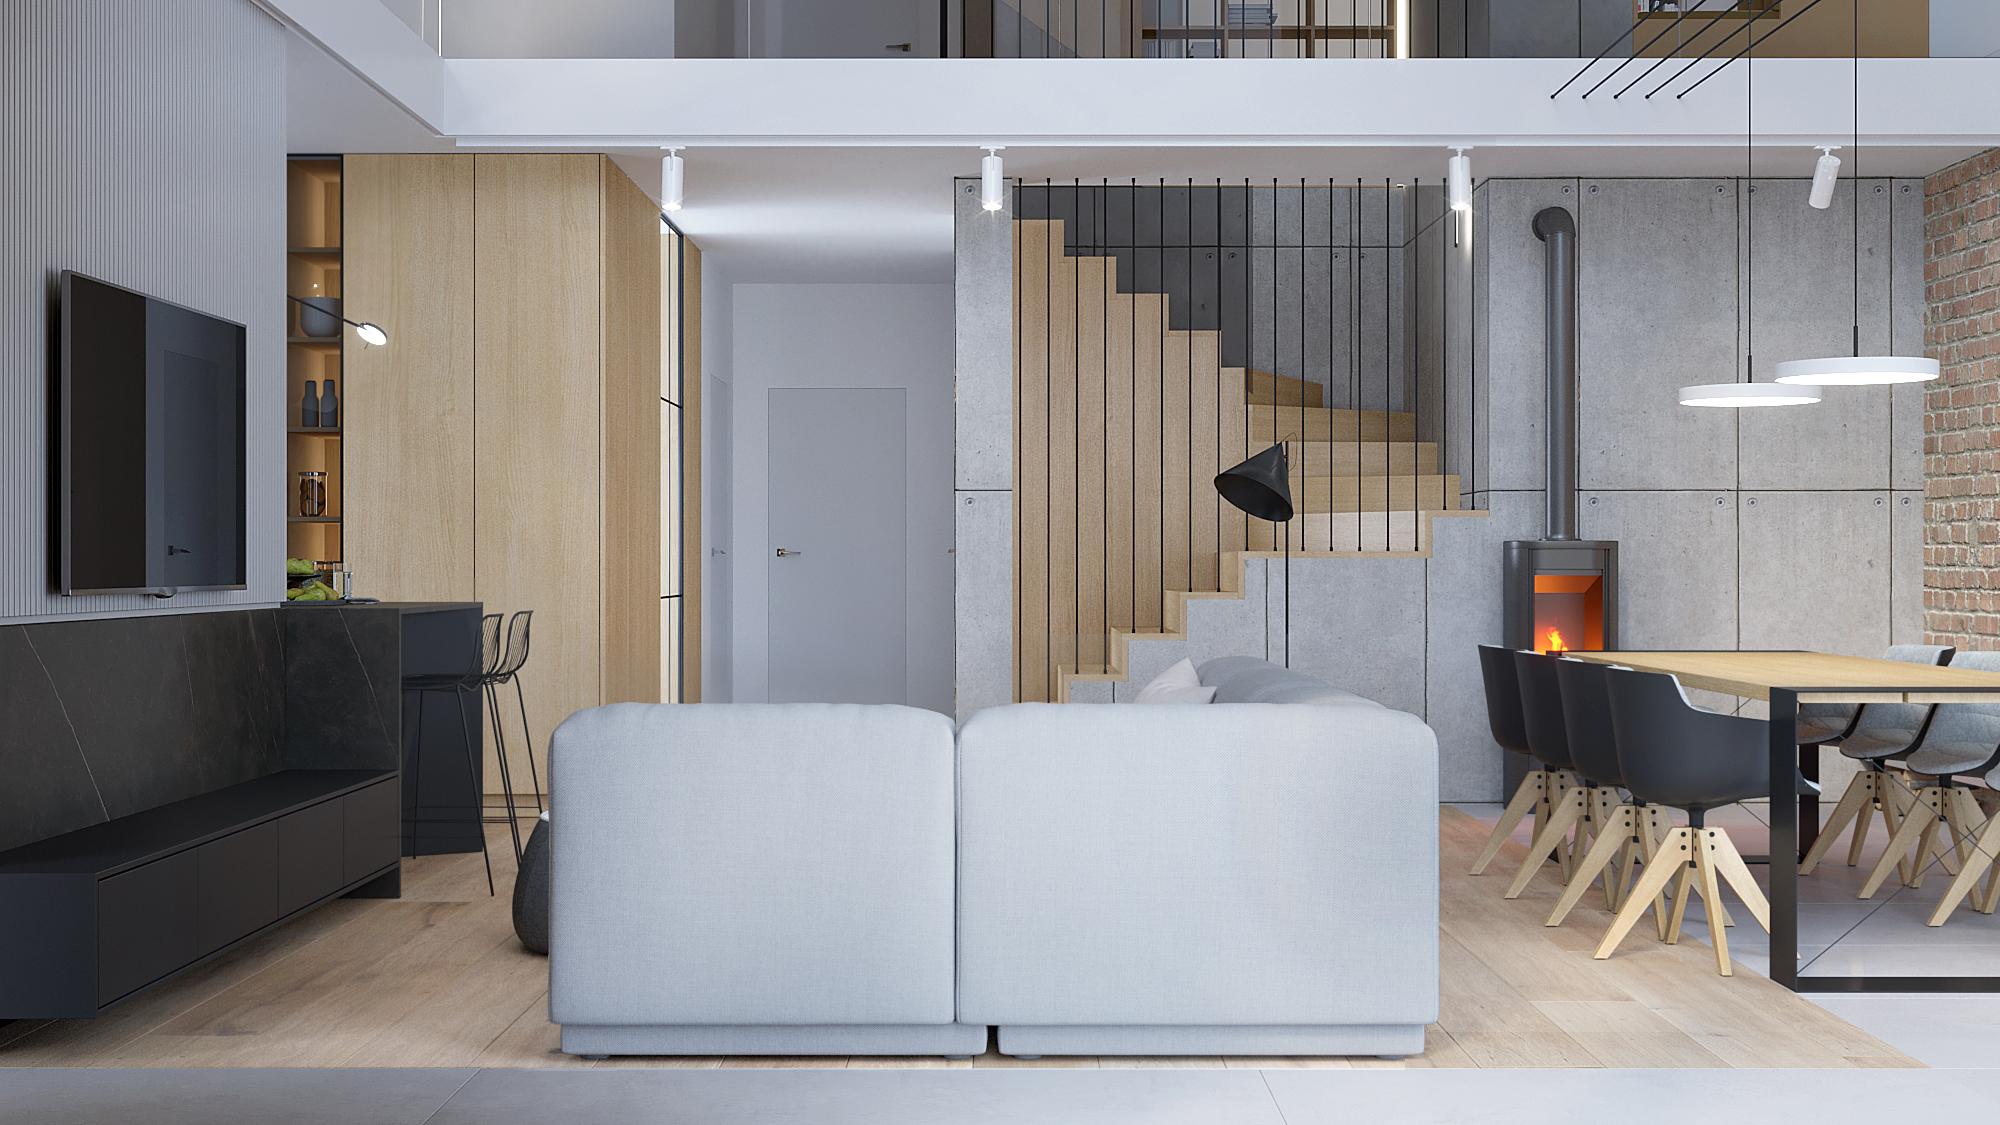 3 architekt wnetrz D428 dom Ruda Slaska salon z jadalnia betonowa sciana kominek koza drewno na scianie szara sofa